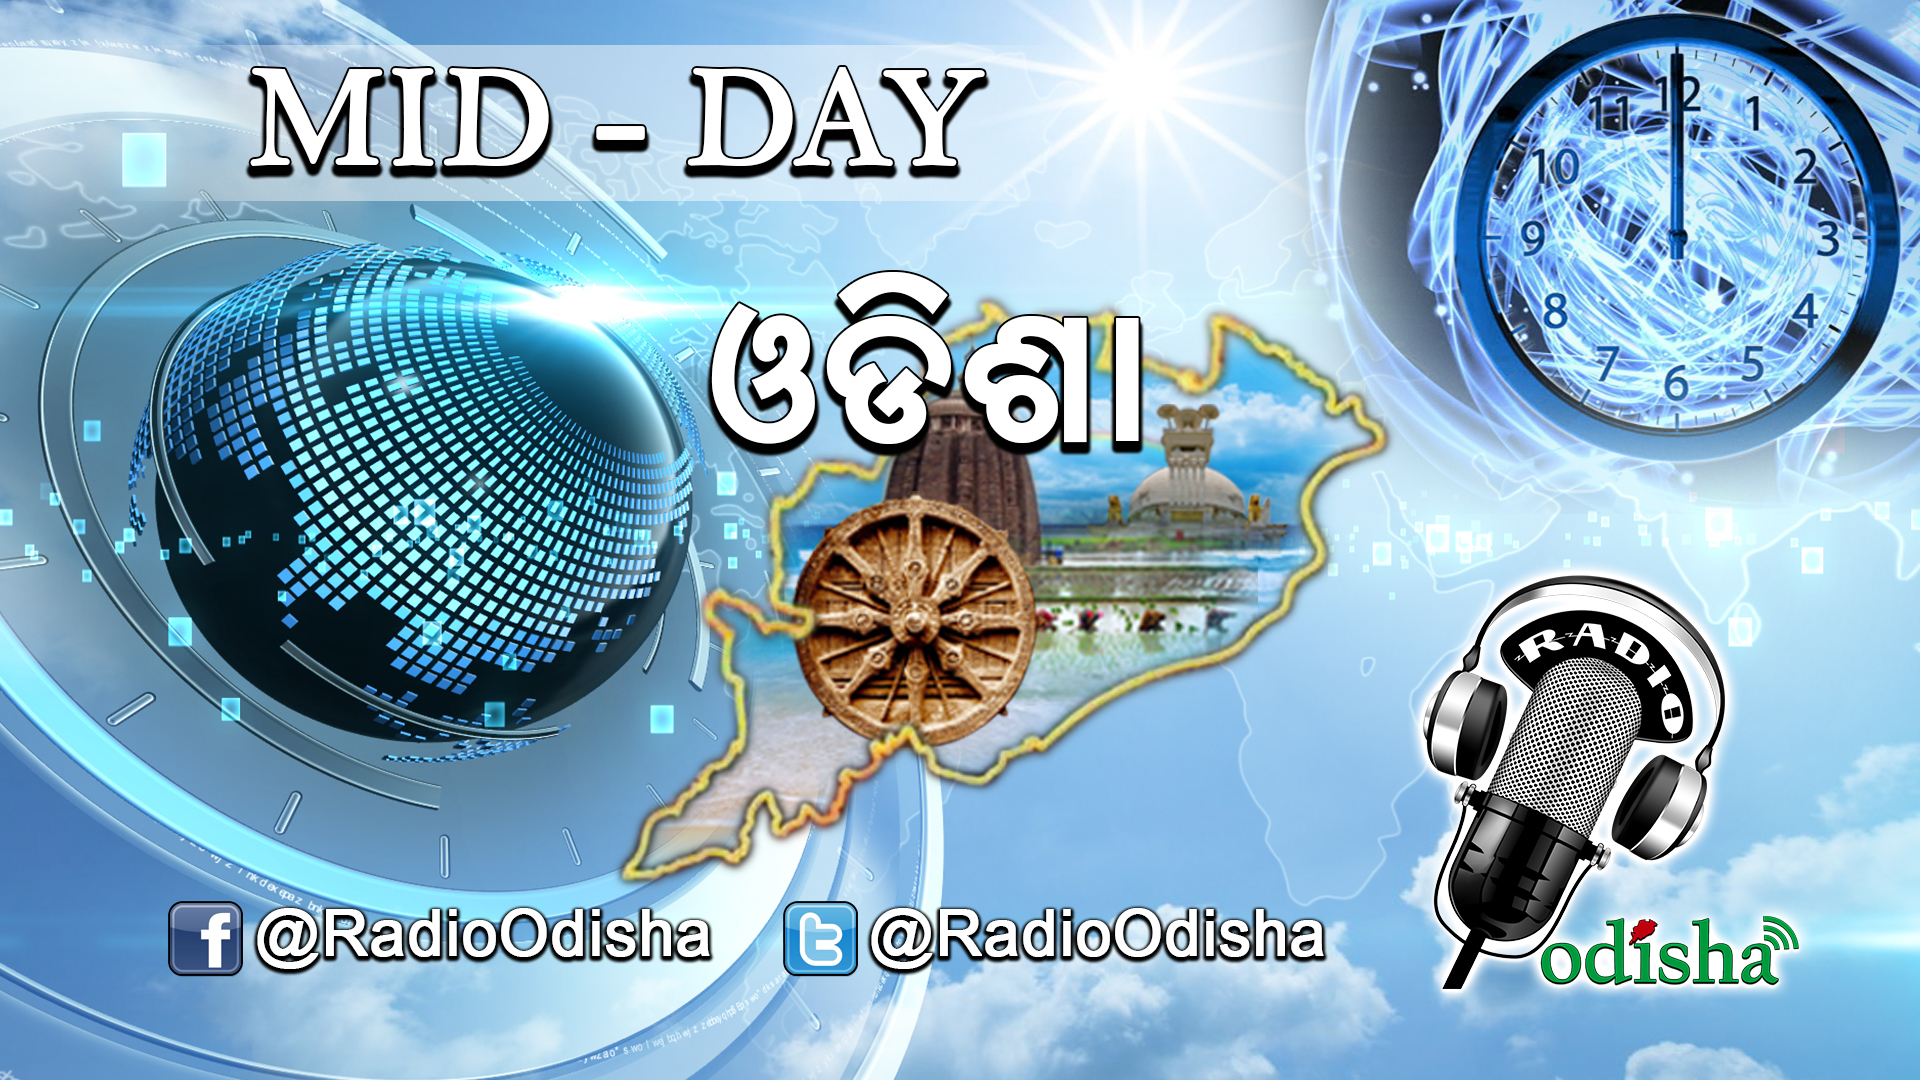 Radio Odisha Mid Day News